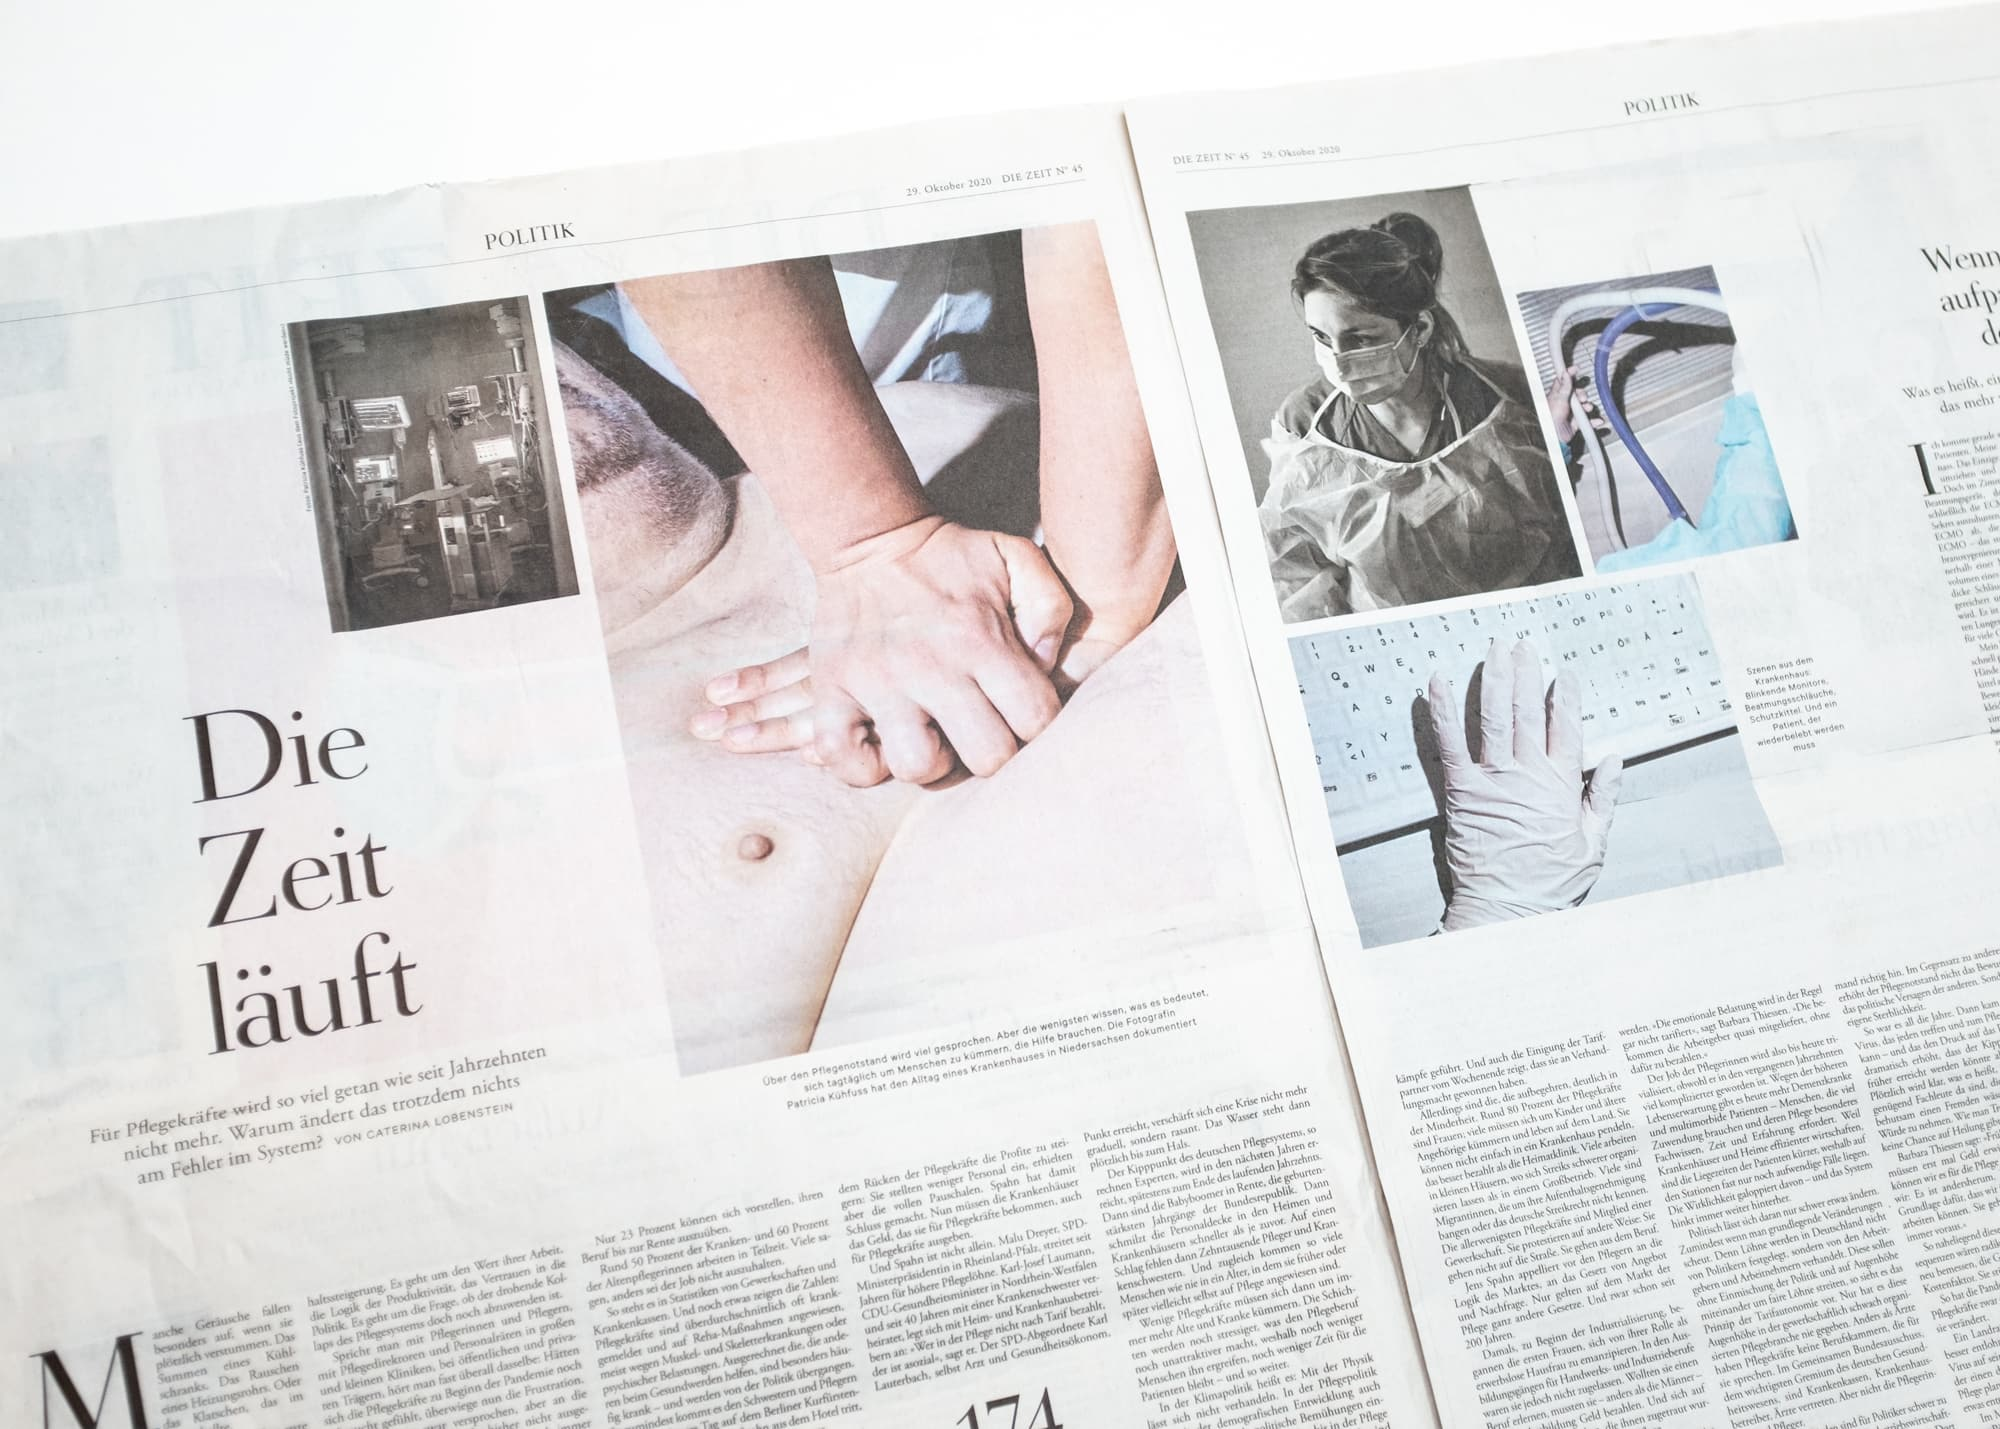 """Publication of """"Nicht müde werden"""" in Die Zeit  45/2020."""